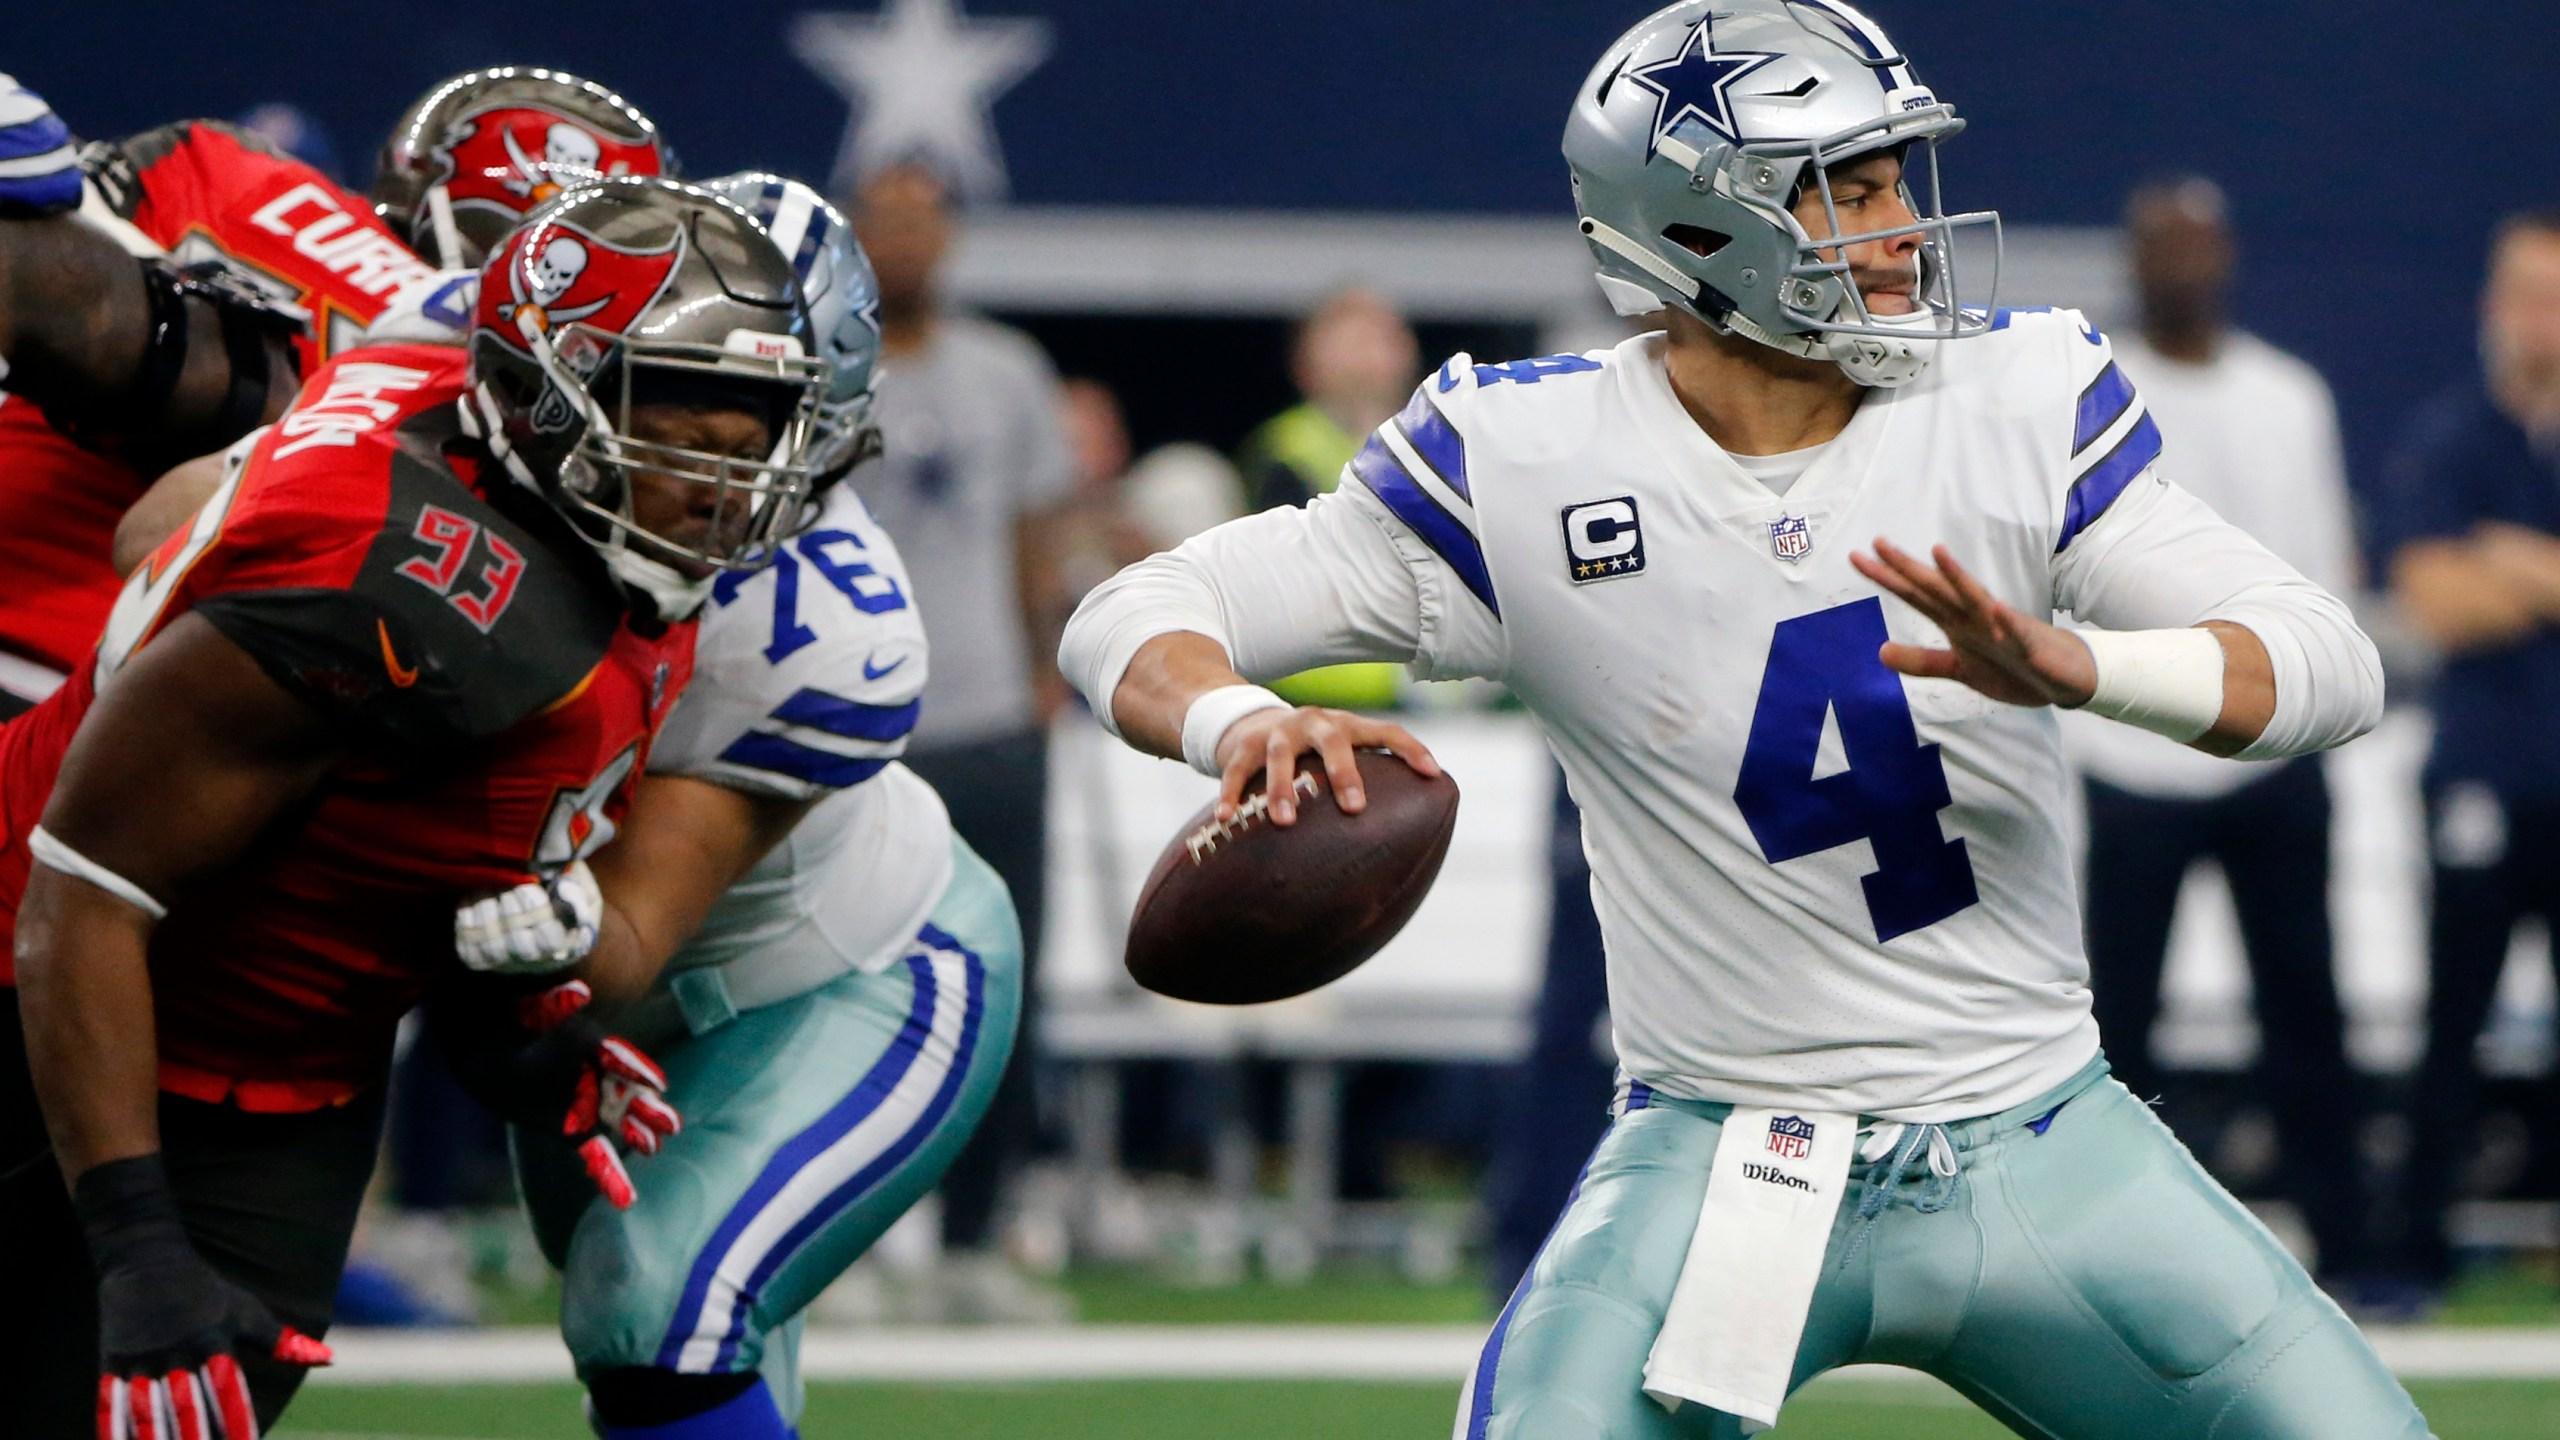 Buccaneers Cowboys Football_1545601078651